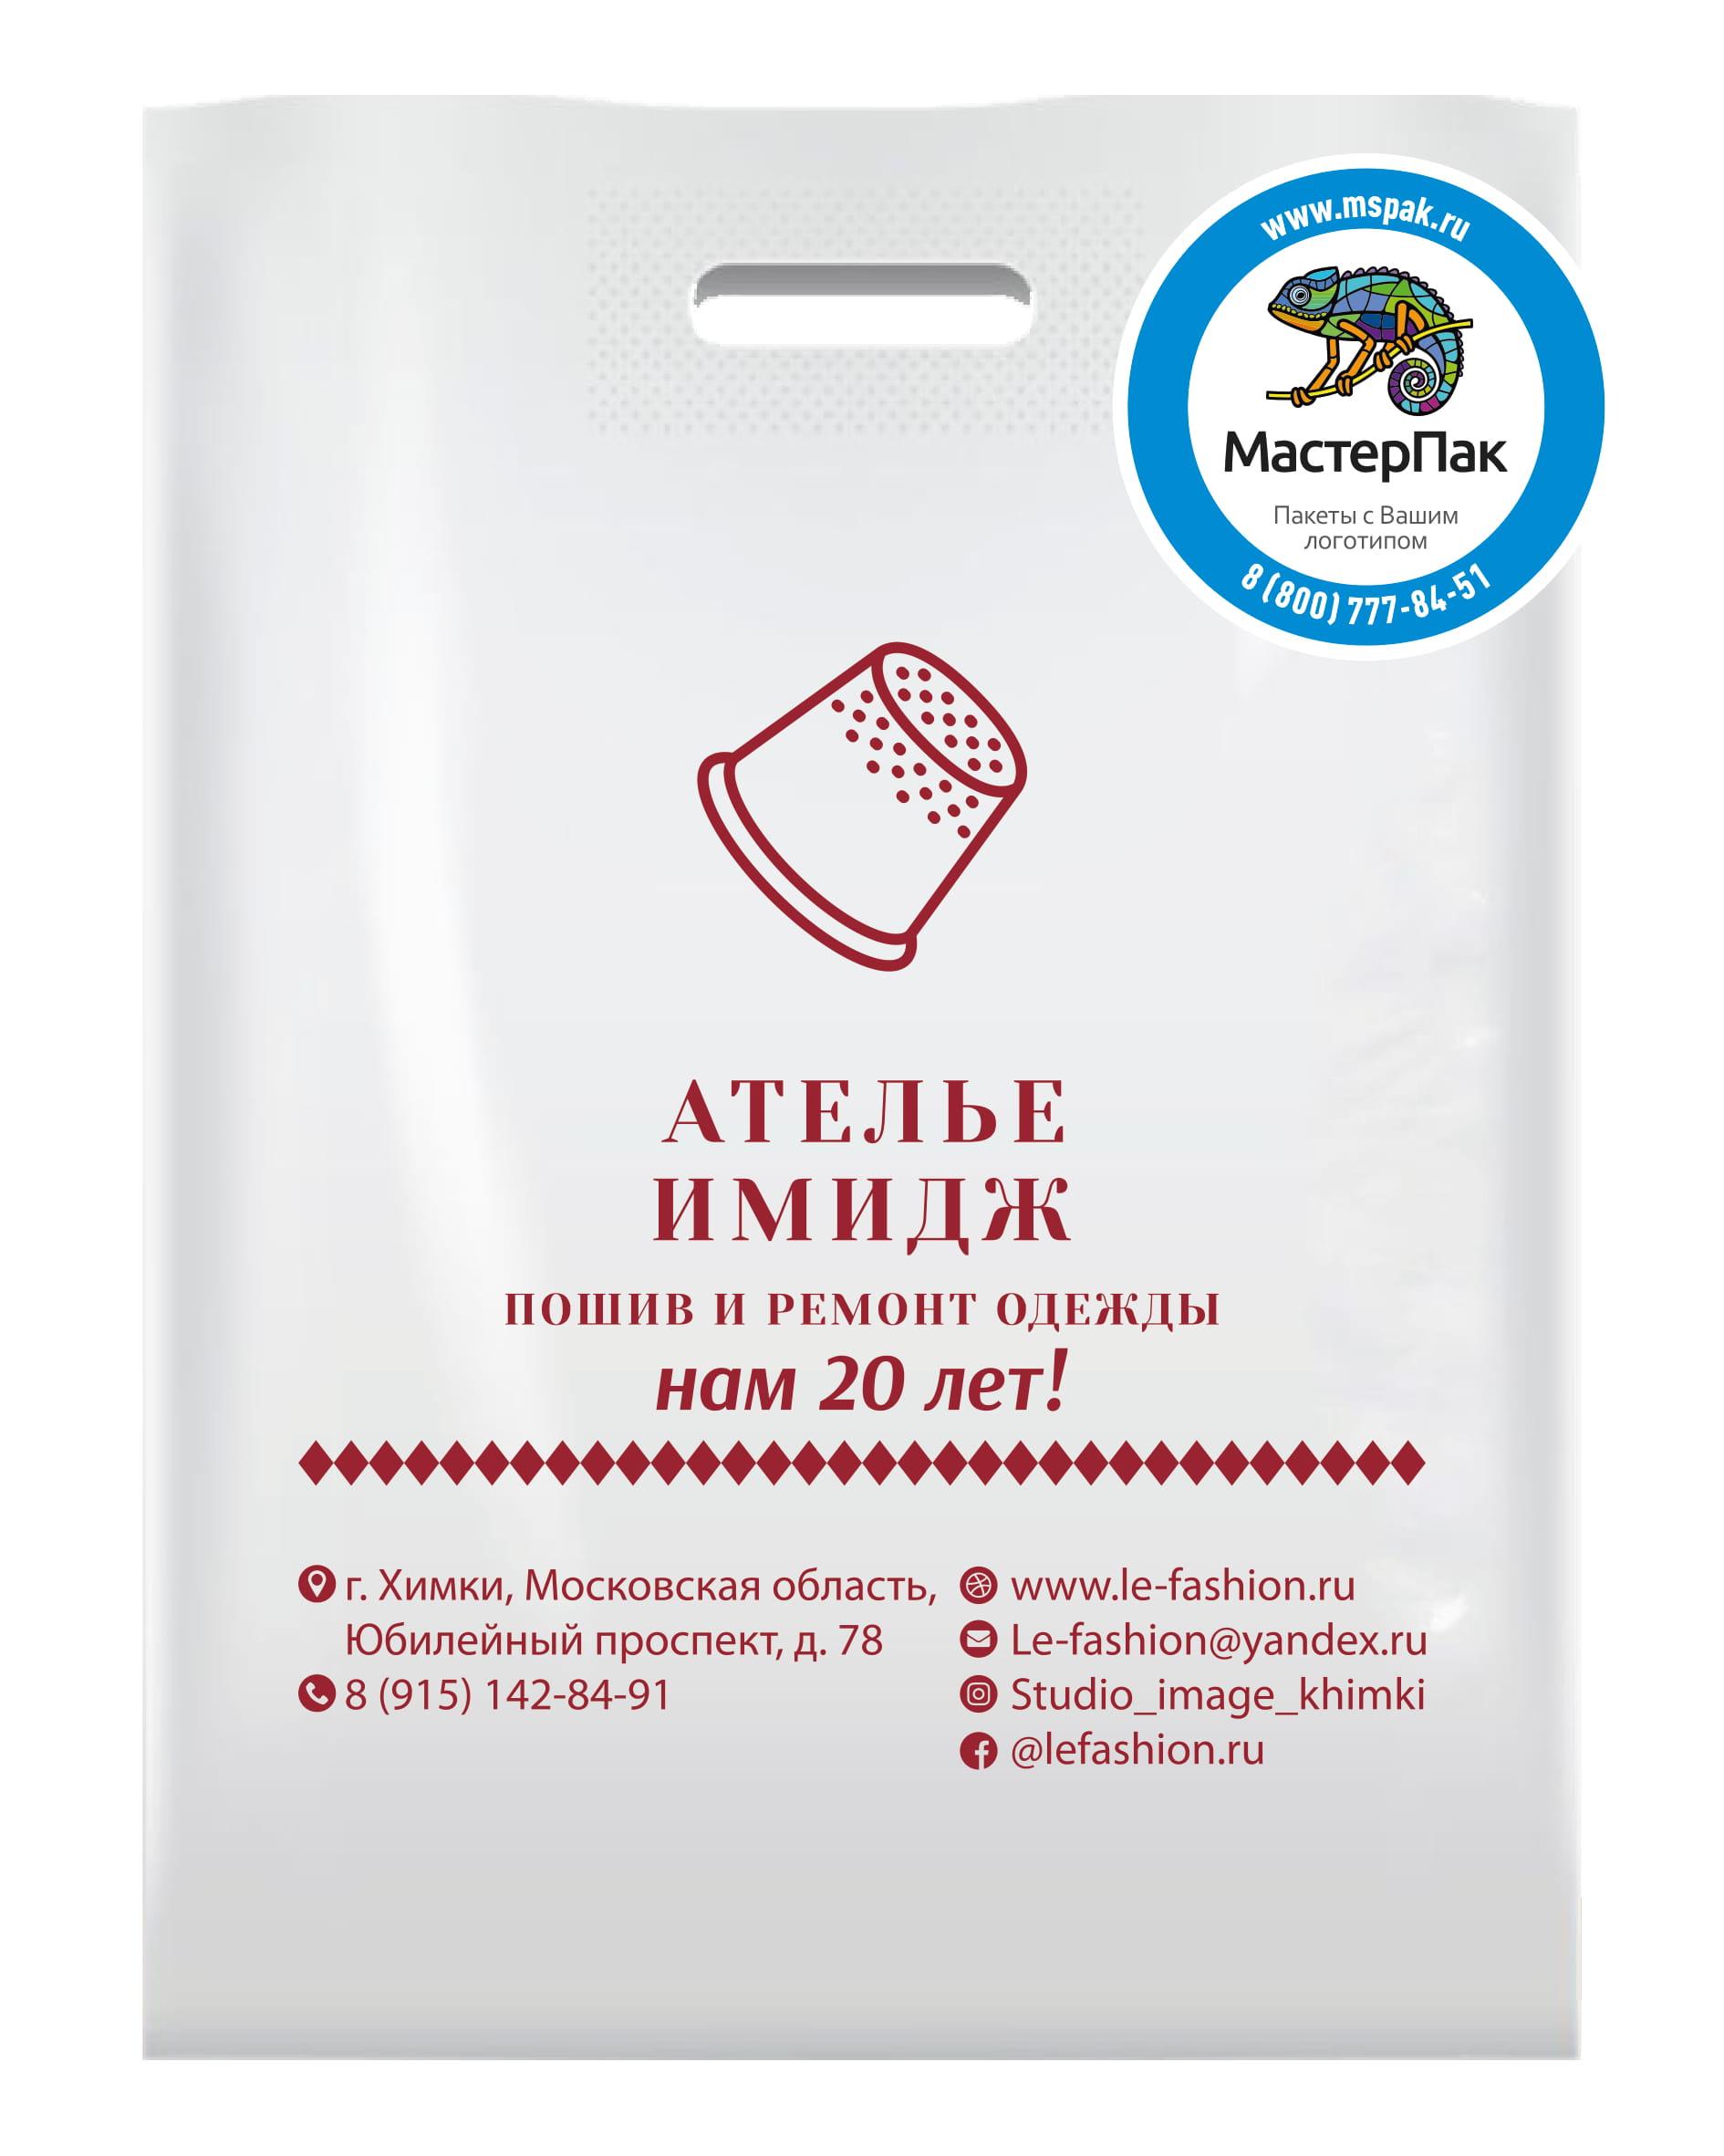 """Пакет ПВД с логотипом ателье """"Имидж"""", Химки, 70 мкм, 30*40 см, белый"""